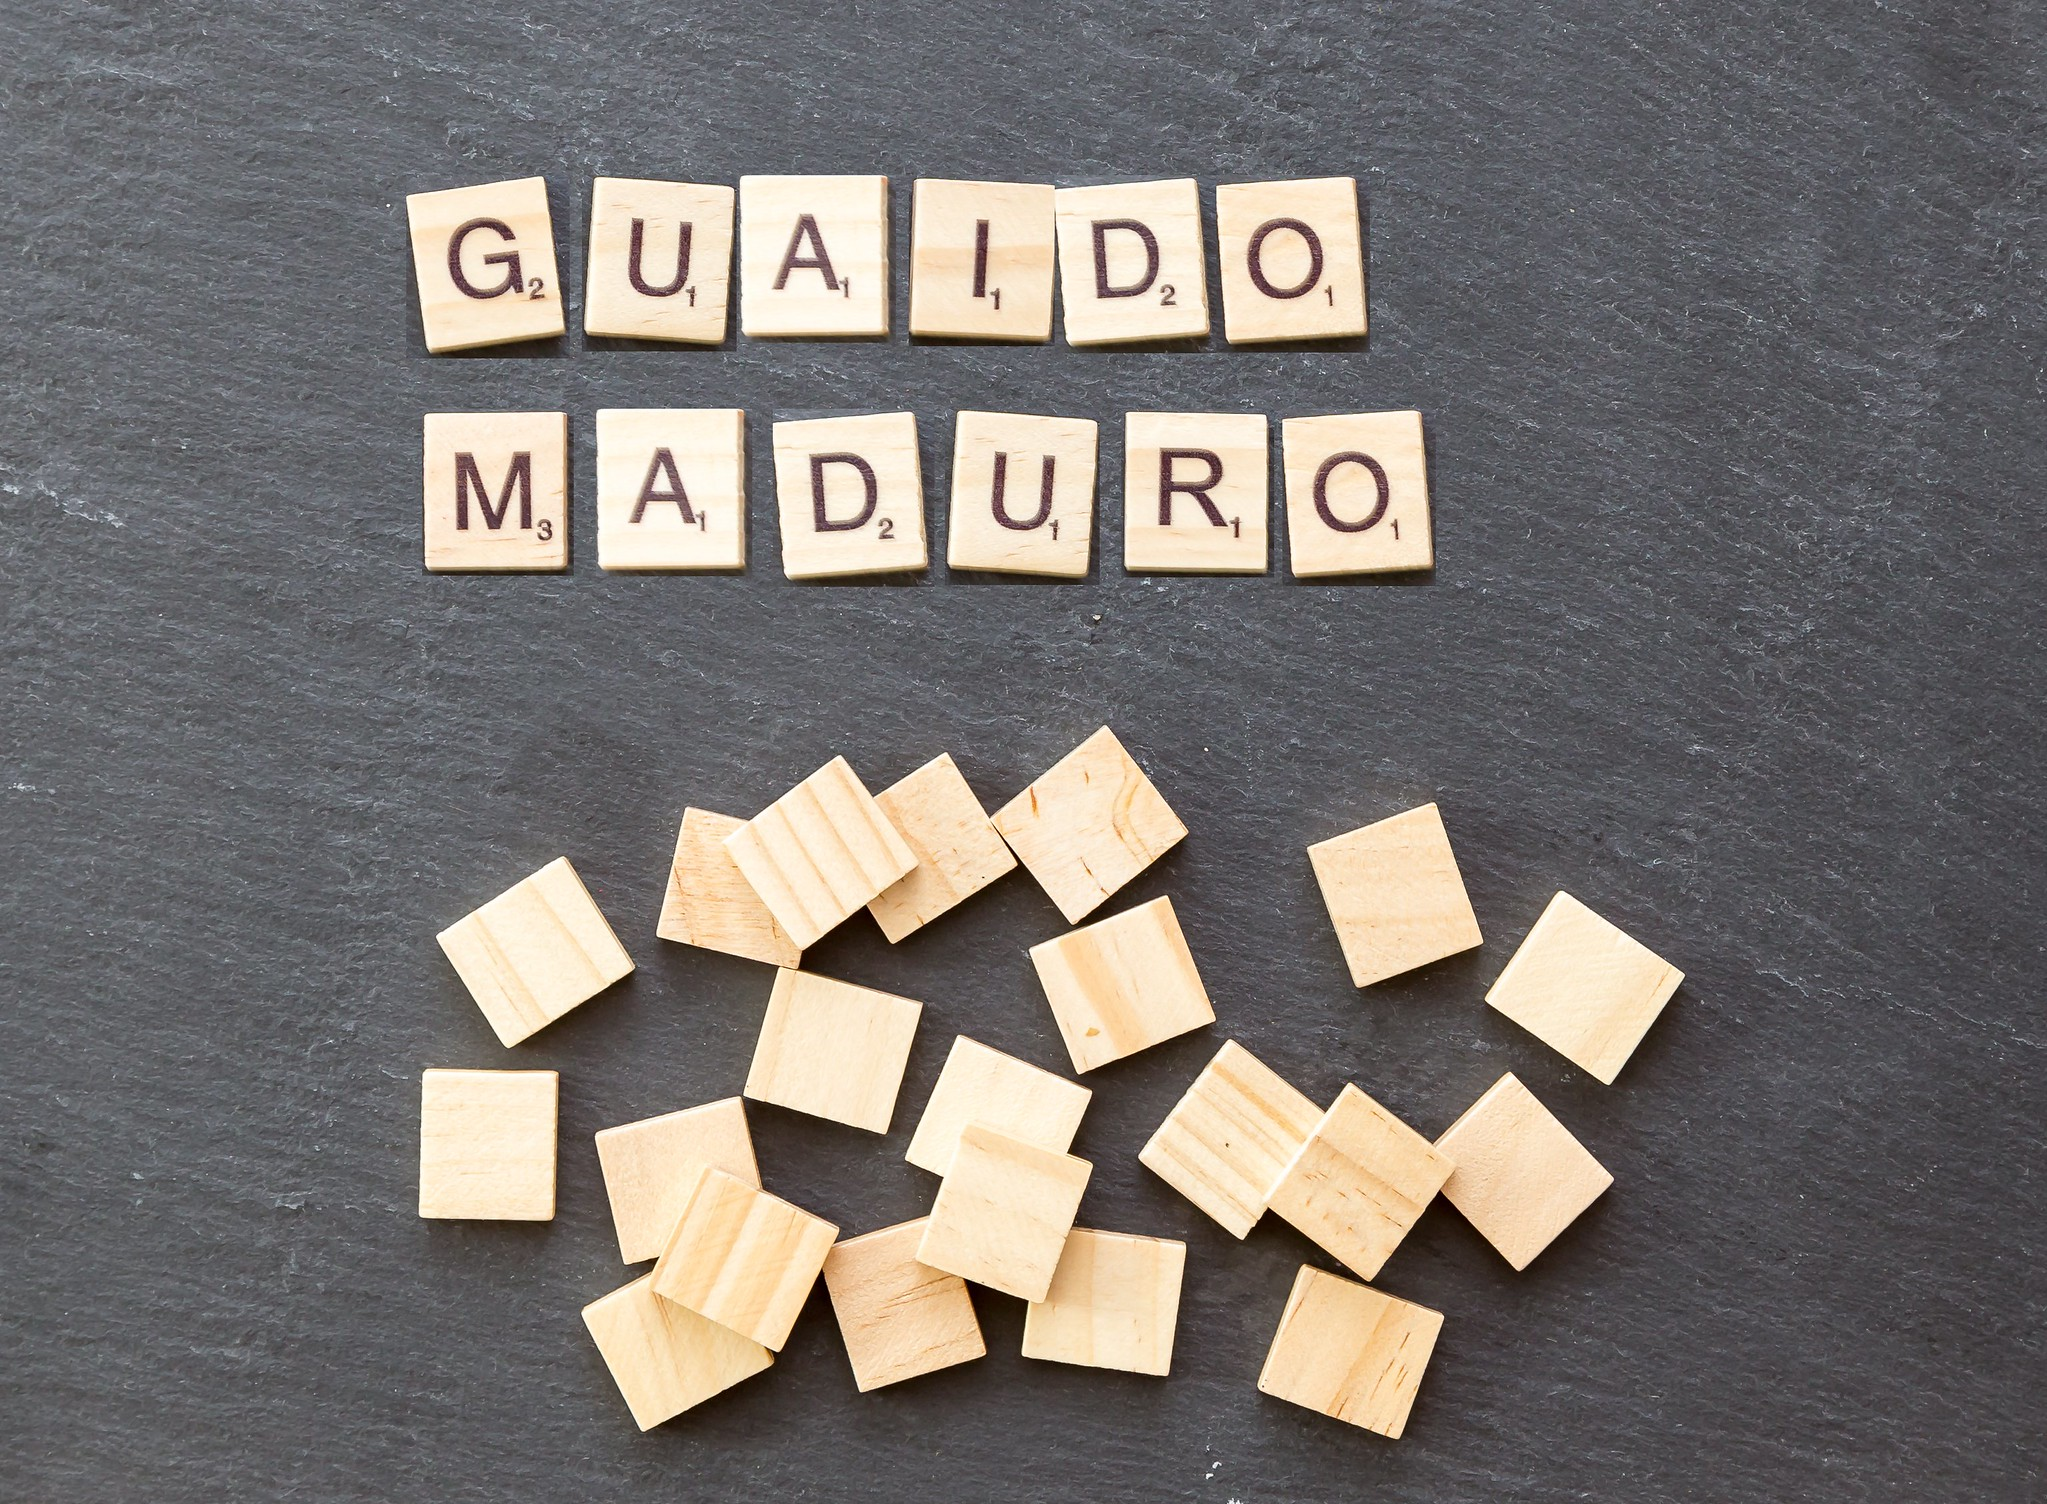 Maduro ist der rechtmäßige Regierungscherf in Venezuela, wird jedoch von seinem Kontrahenten Guaidó herausgefordert